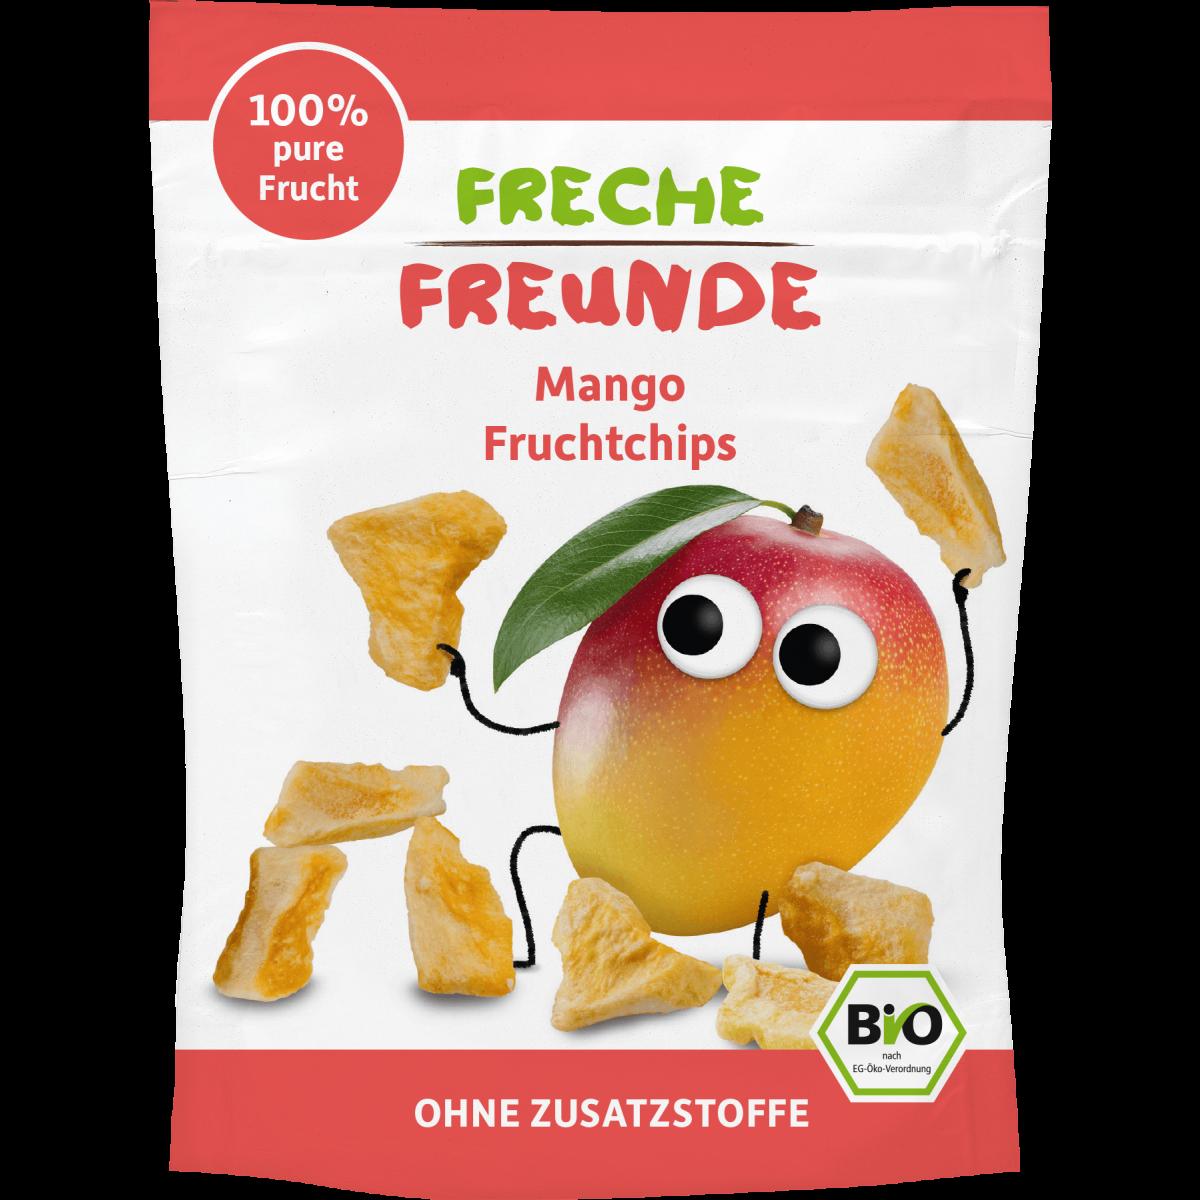 Freche Freunde Fruchtchips Mango Beutel 14g (6er Pack)